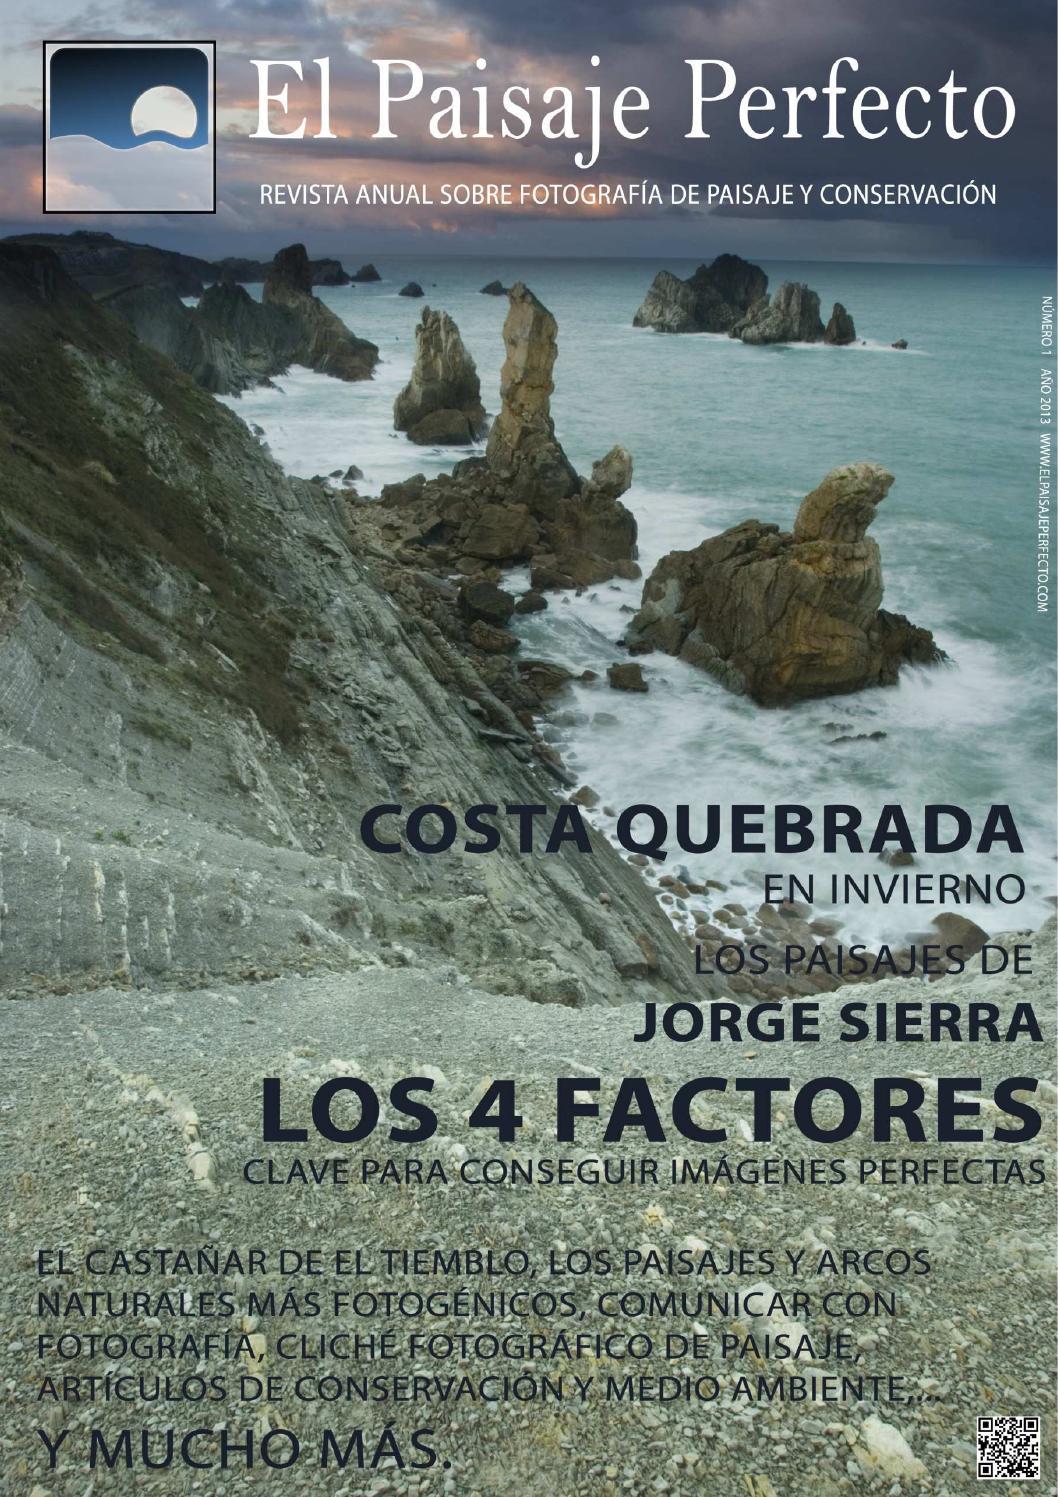 Revista el paisaje perfecto #1 by Pablo Sánchez Sánchez - issuu